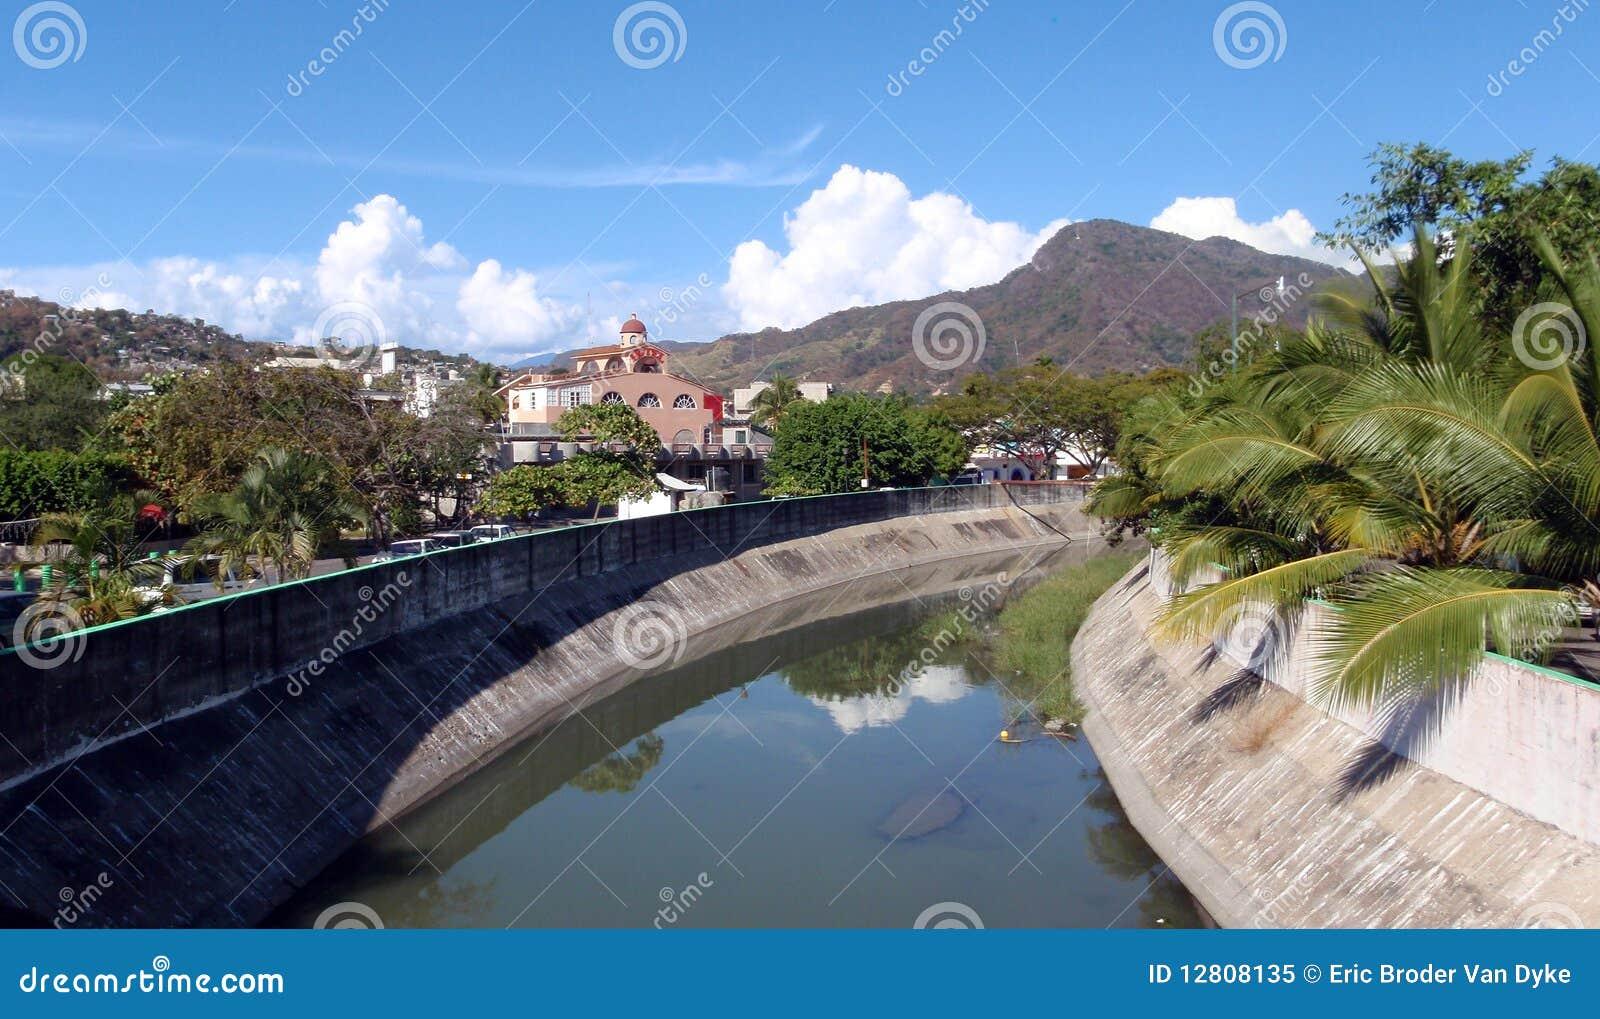 Zihuatanejo - olhando para fora para a cidade